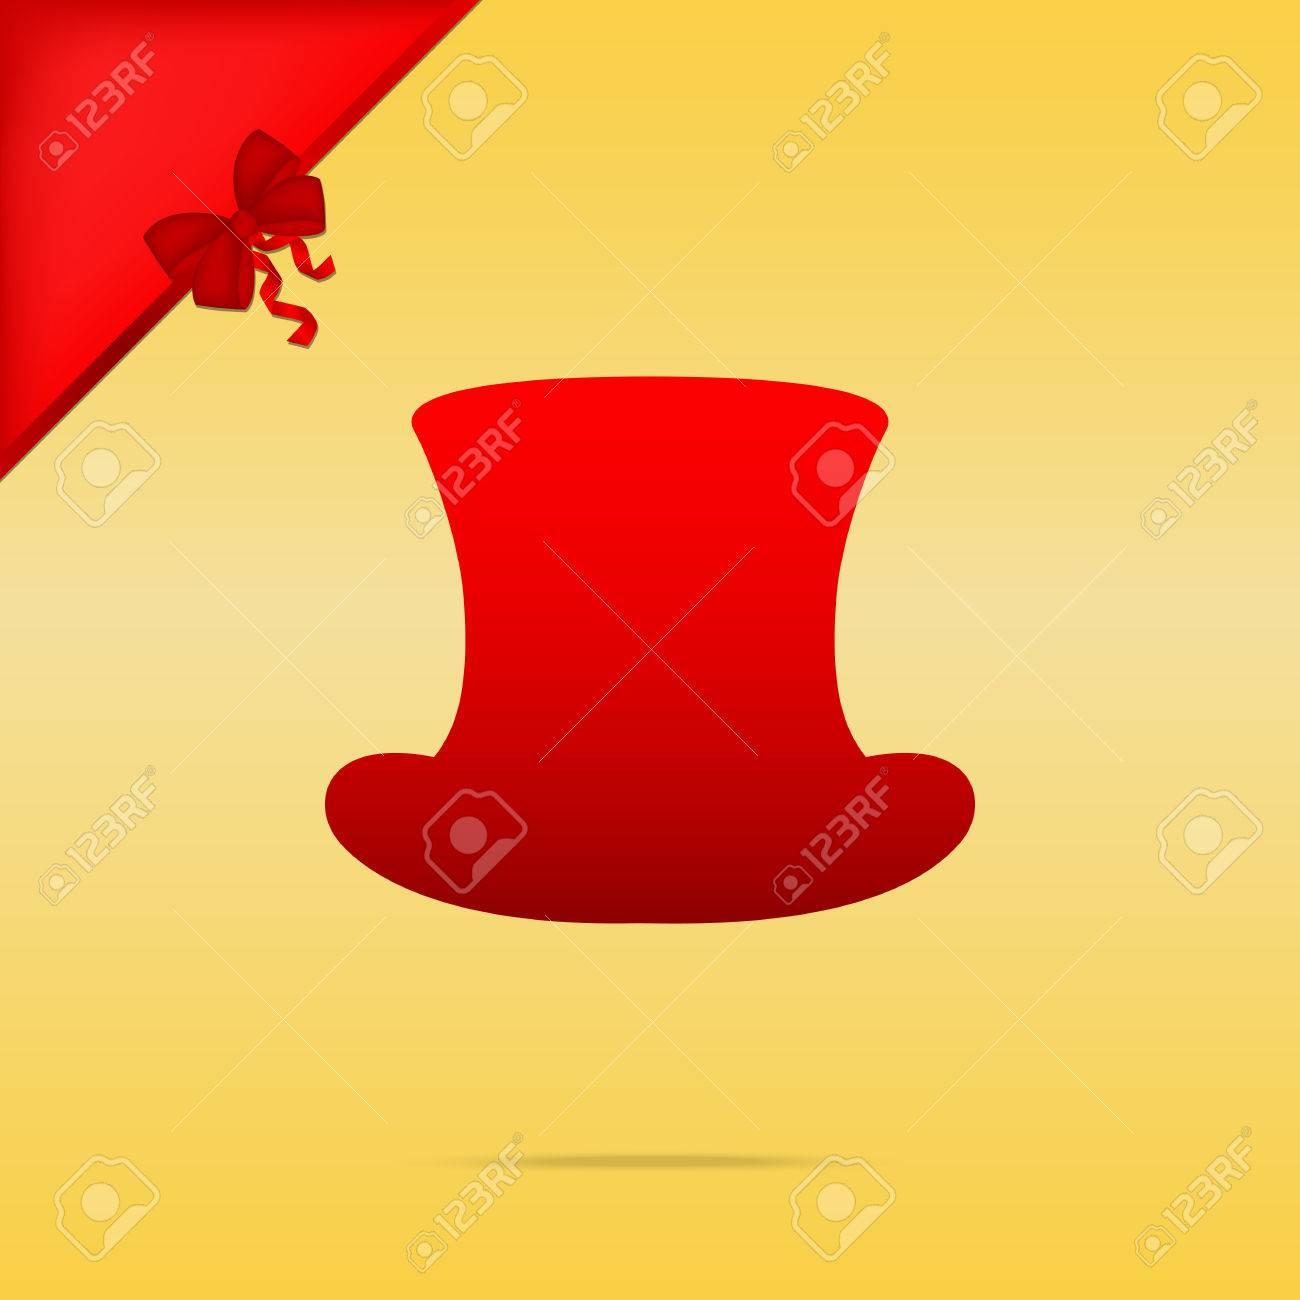 Foto de archivo - Signo sombrero de copa. Cristmas diseño de iconos de color  rojo sobre fondo de oro. a6944e37d490